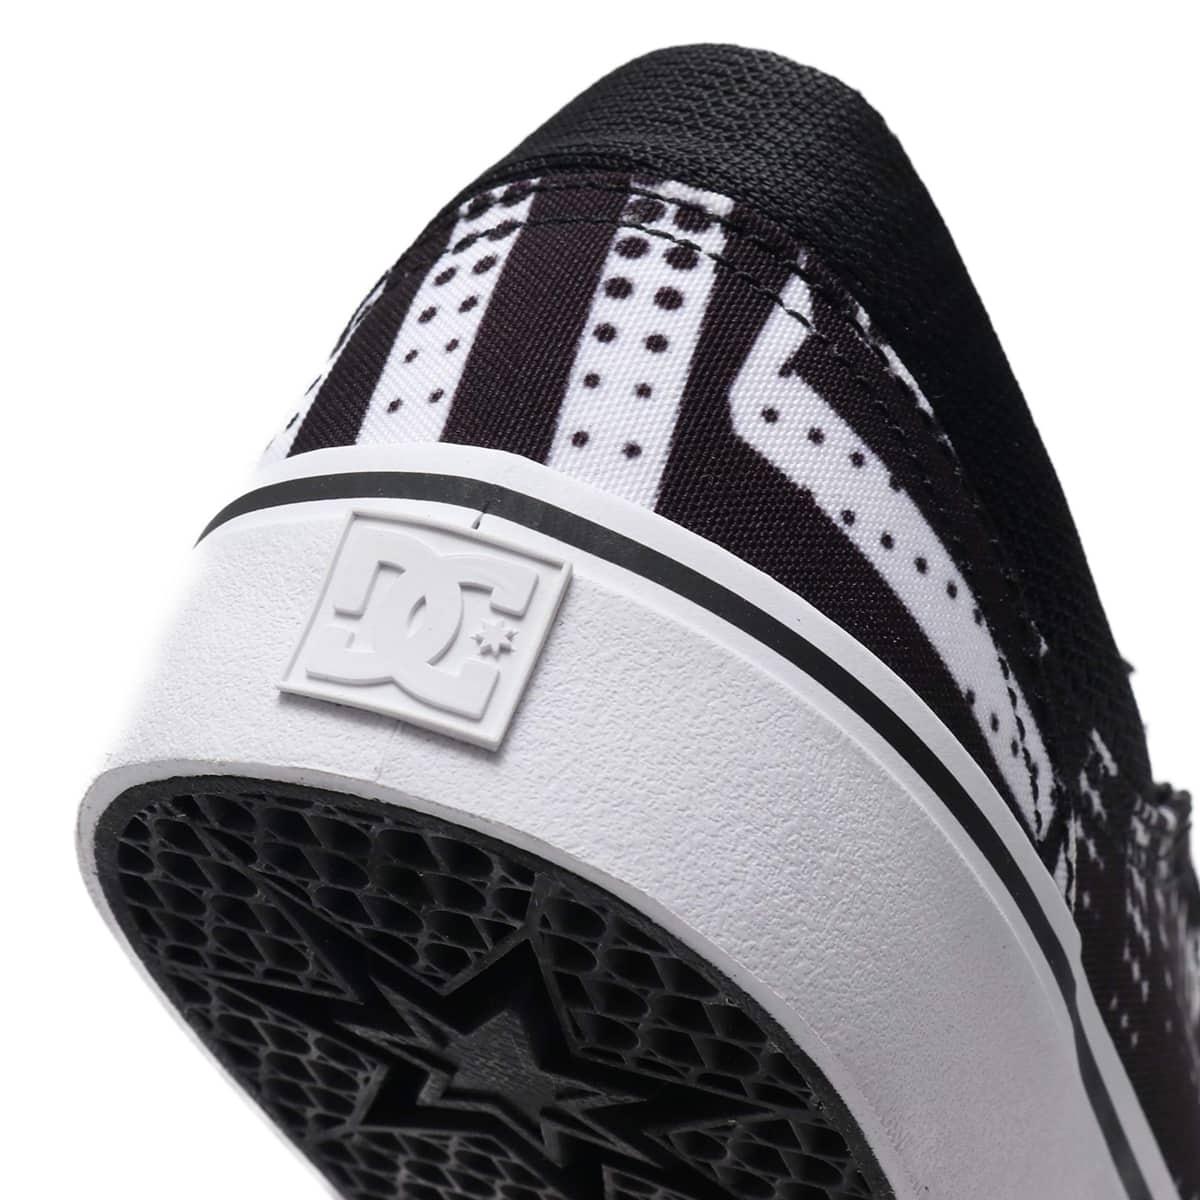 DC SHOES TRASE SP WHITE/BLACK GRAFFITI 19SS,I